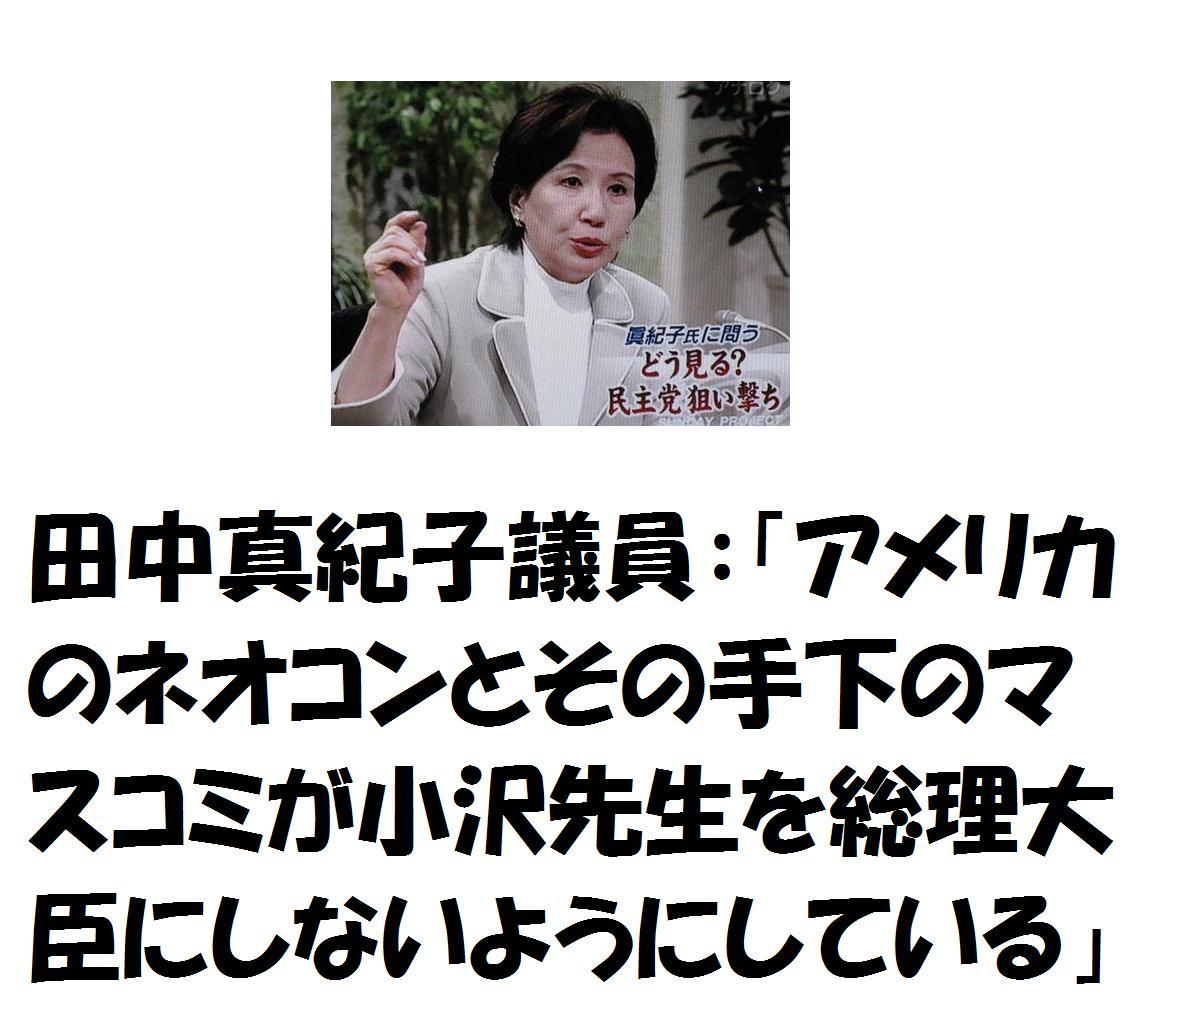 「日本において中国、北朝鮮の脅威を煽ることによって利を得るのはアメリカである」